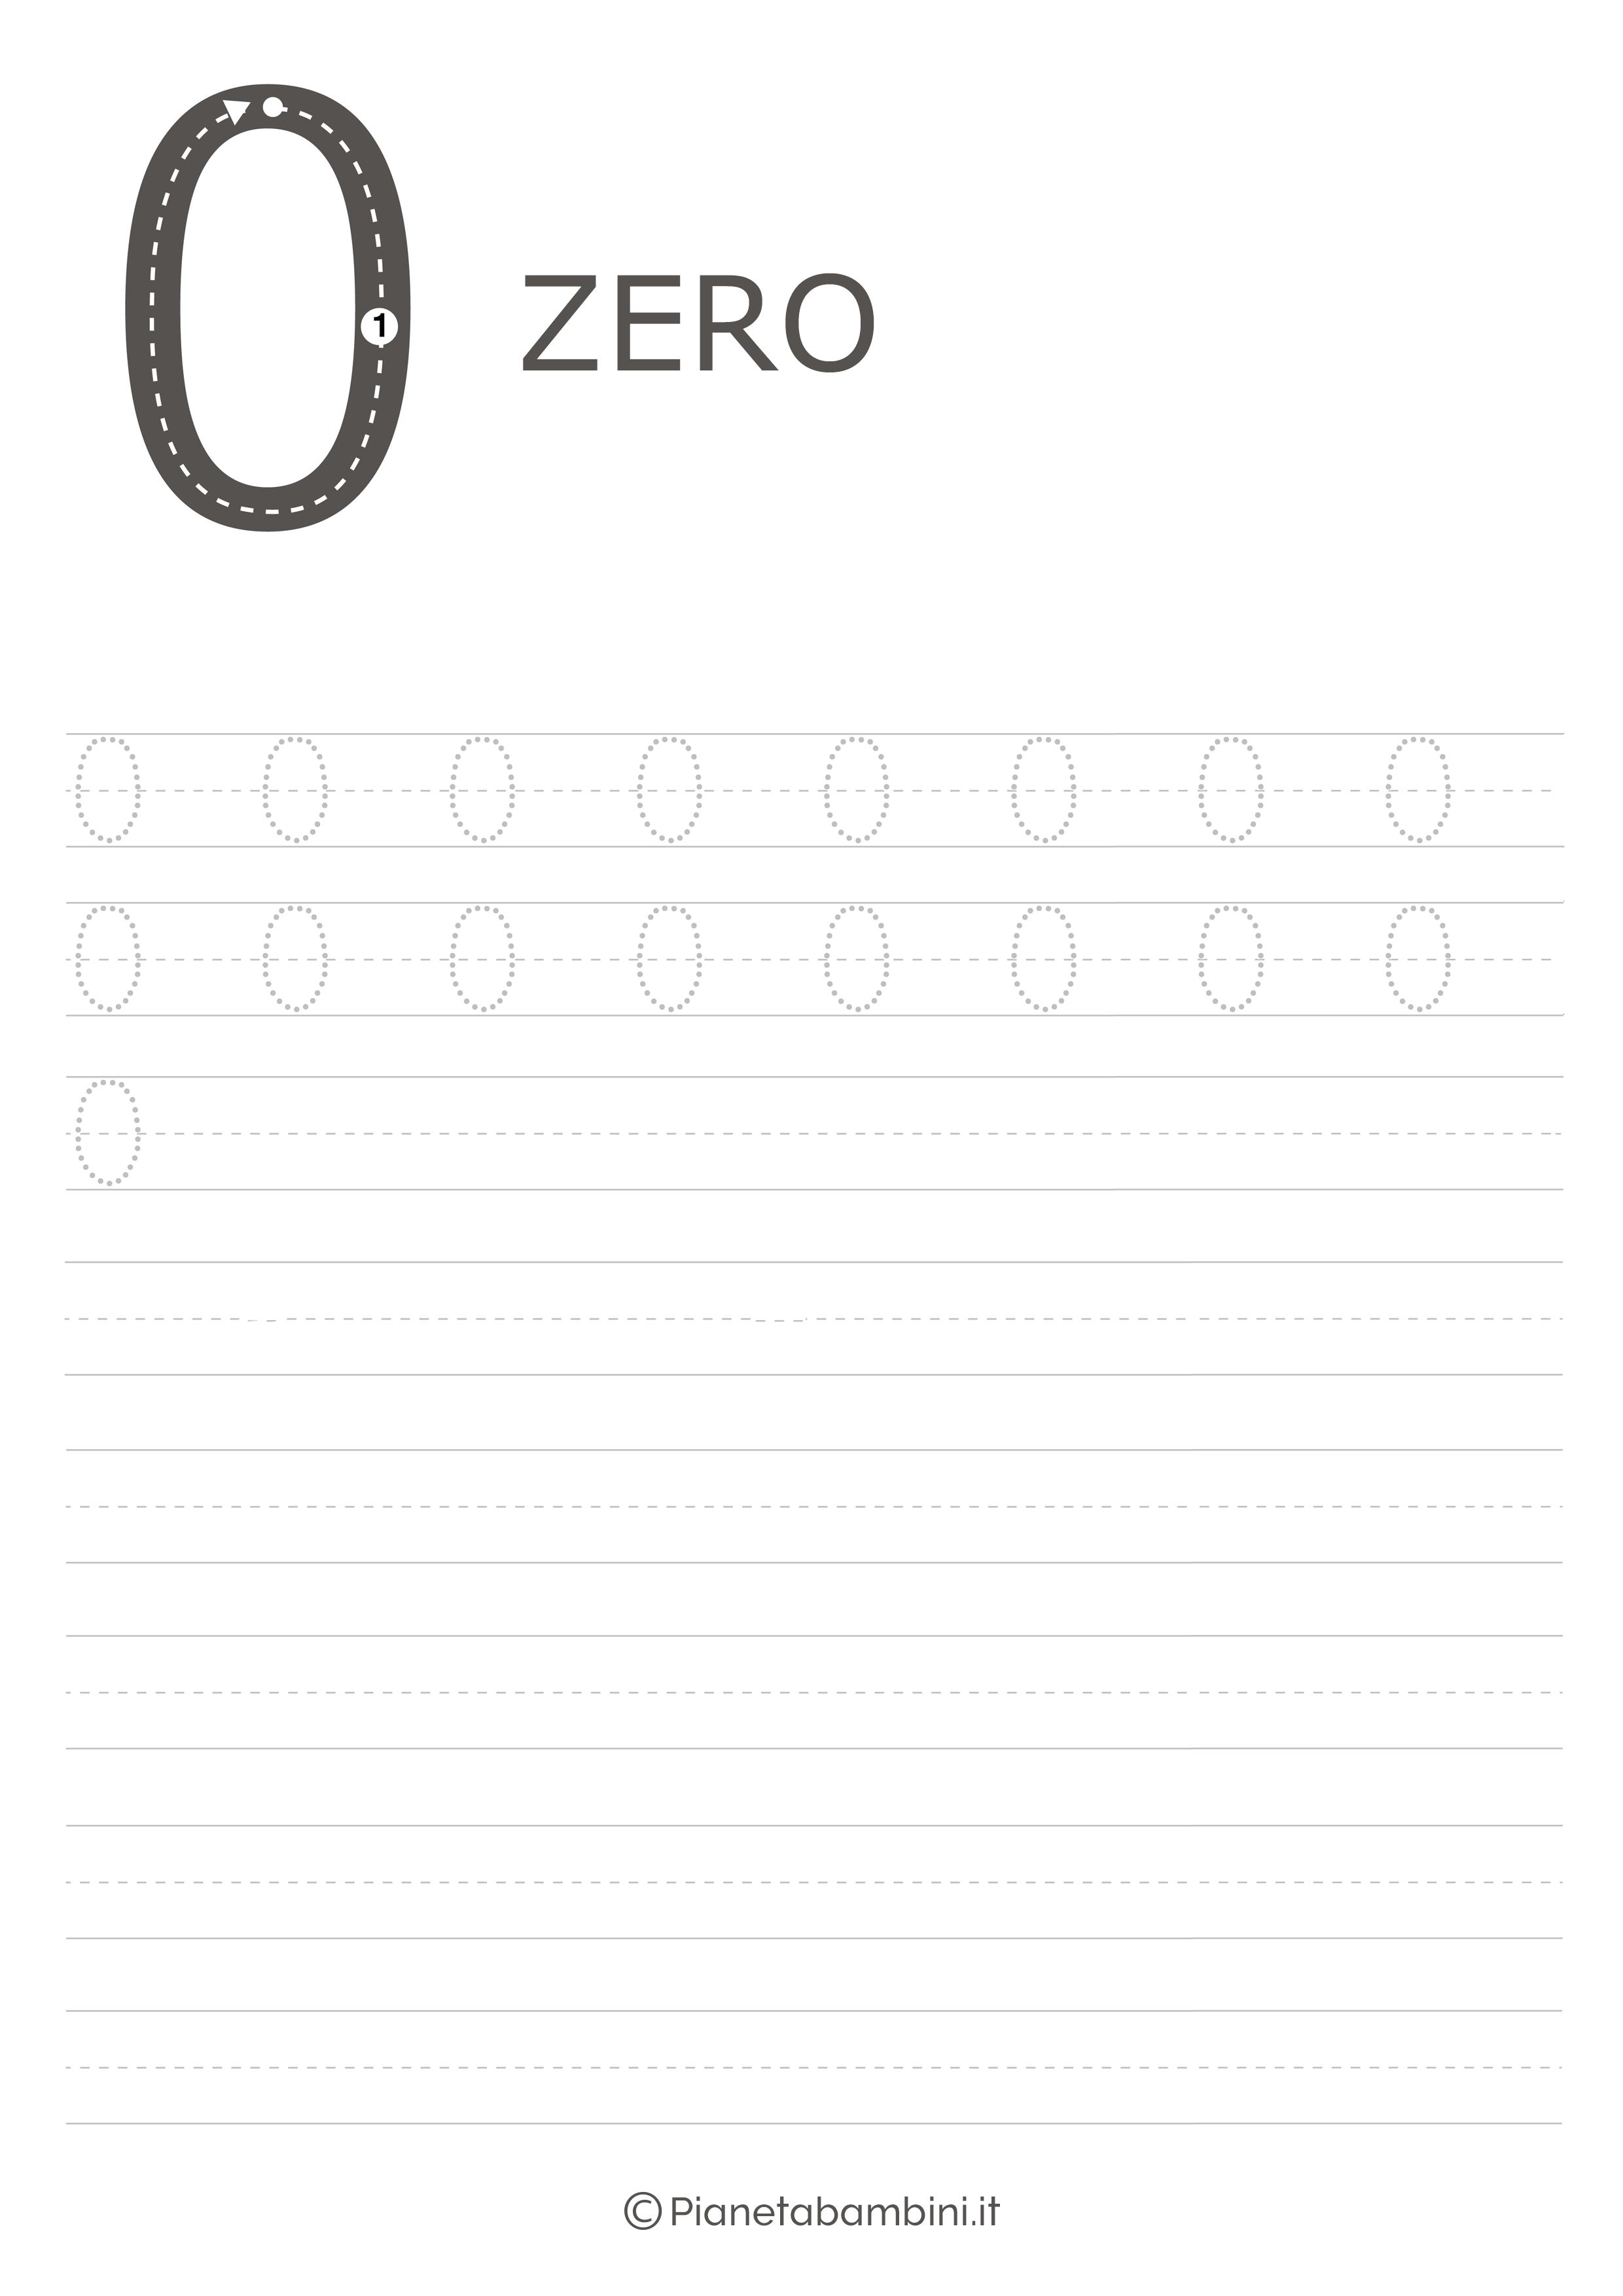 Esercizio pregrafismo numero zero